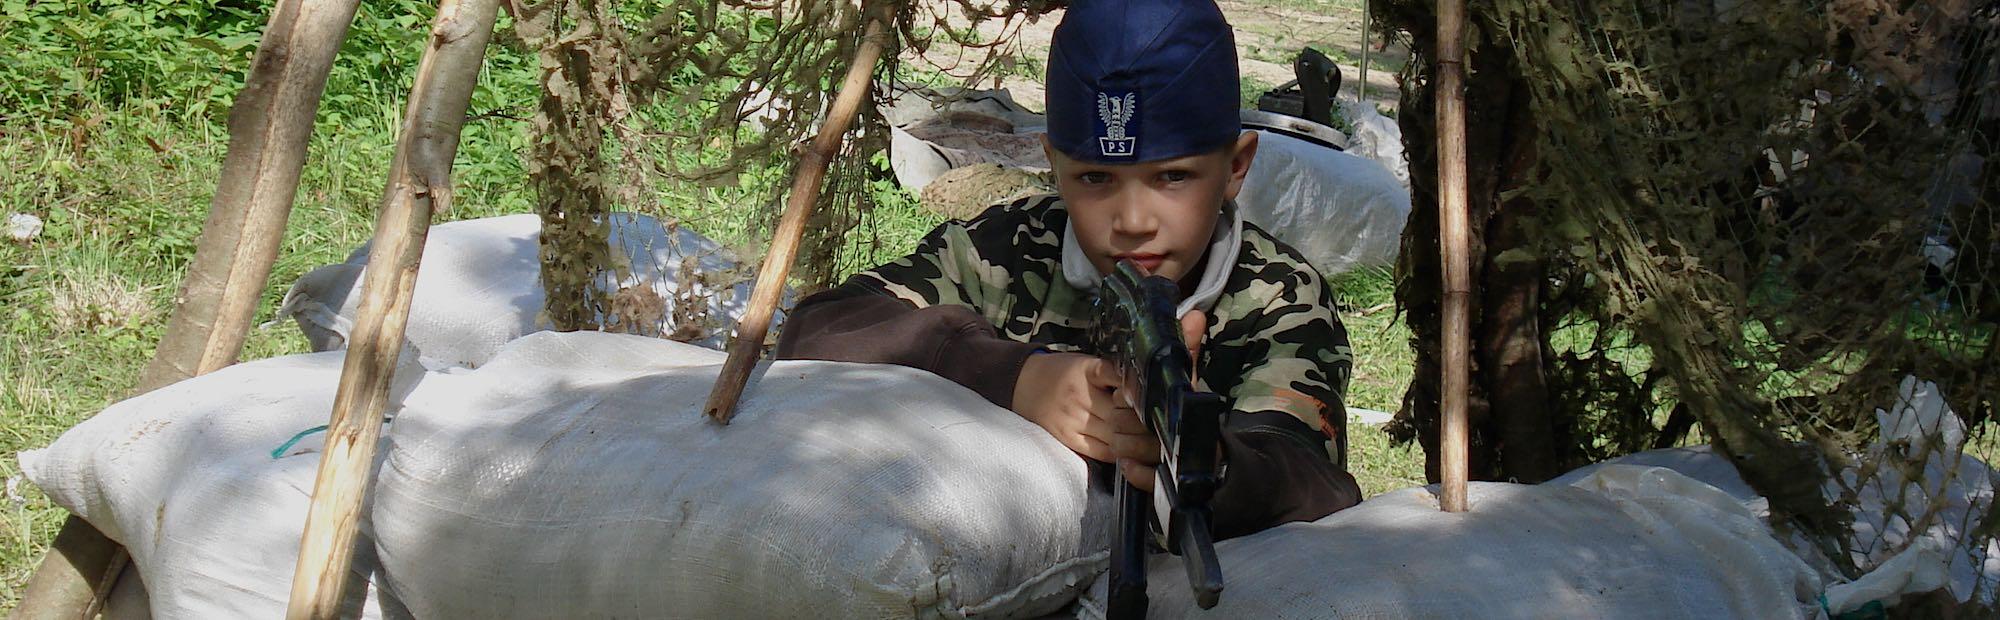 obóz militarny dla najmłodszych